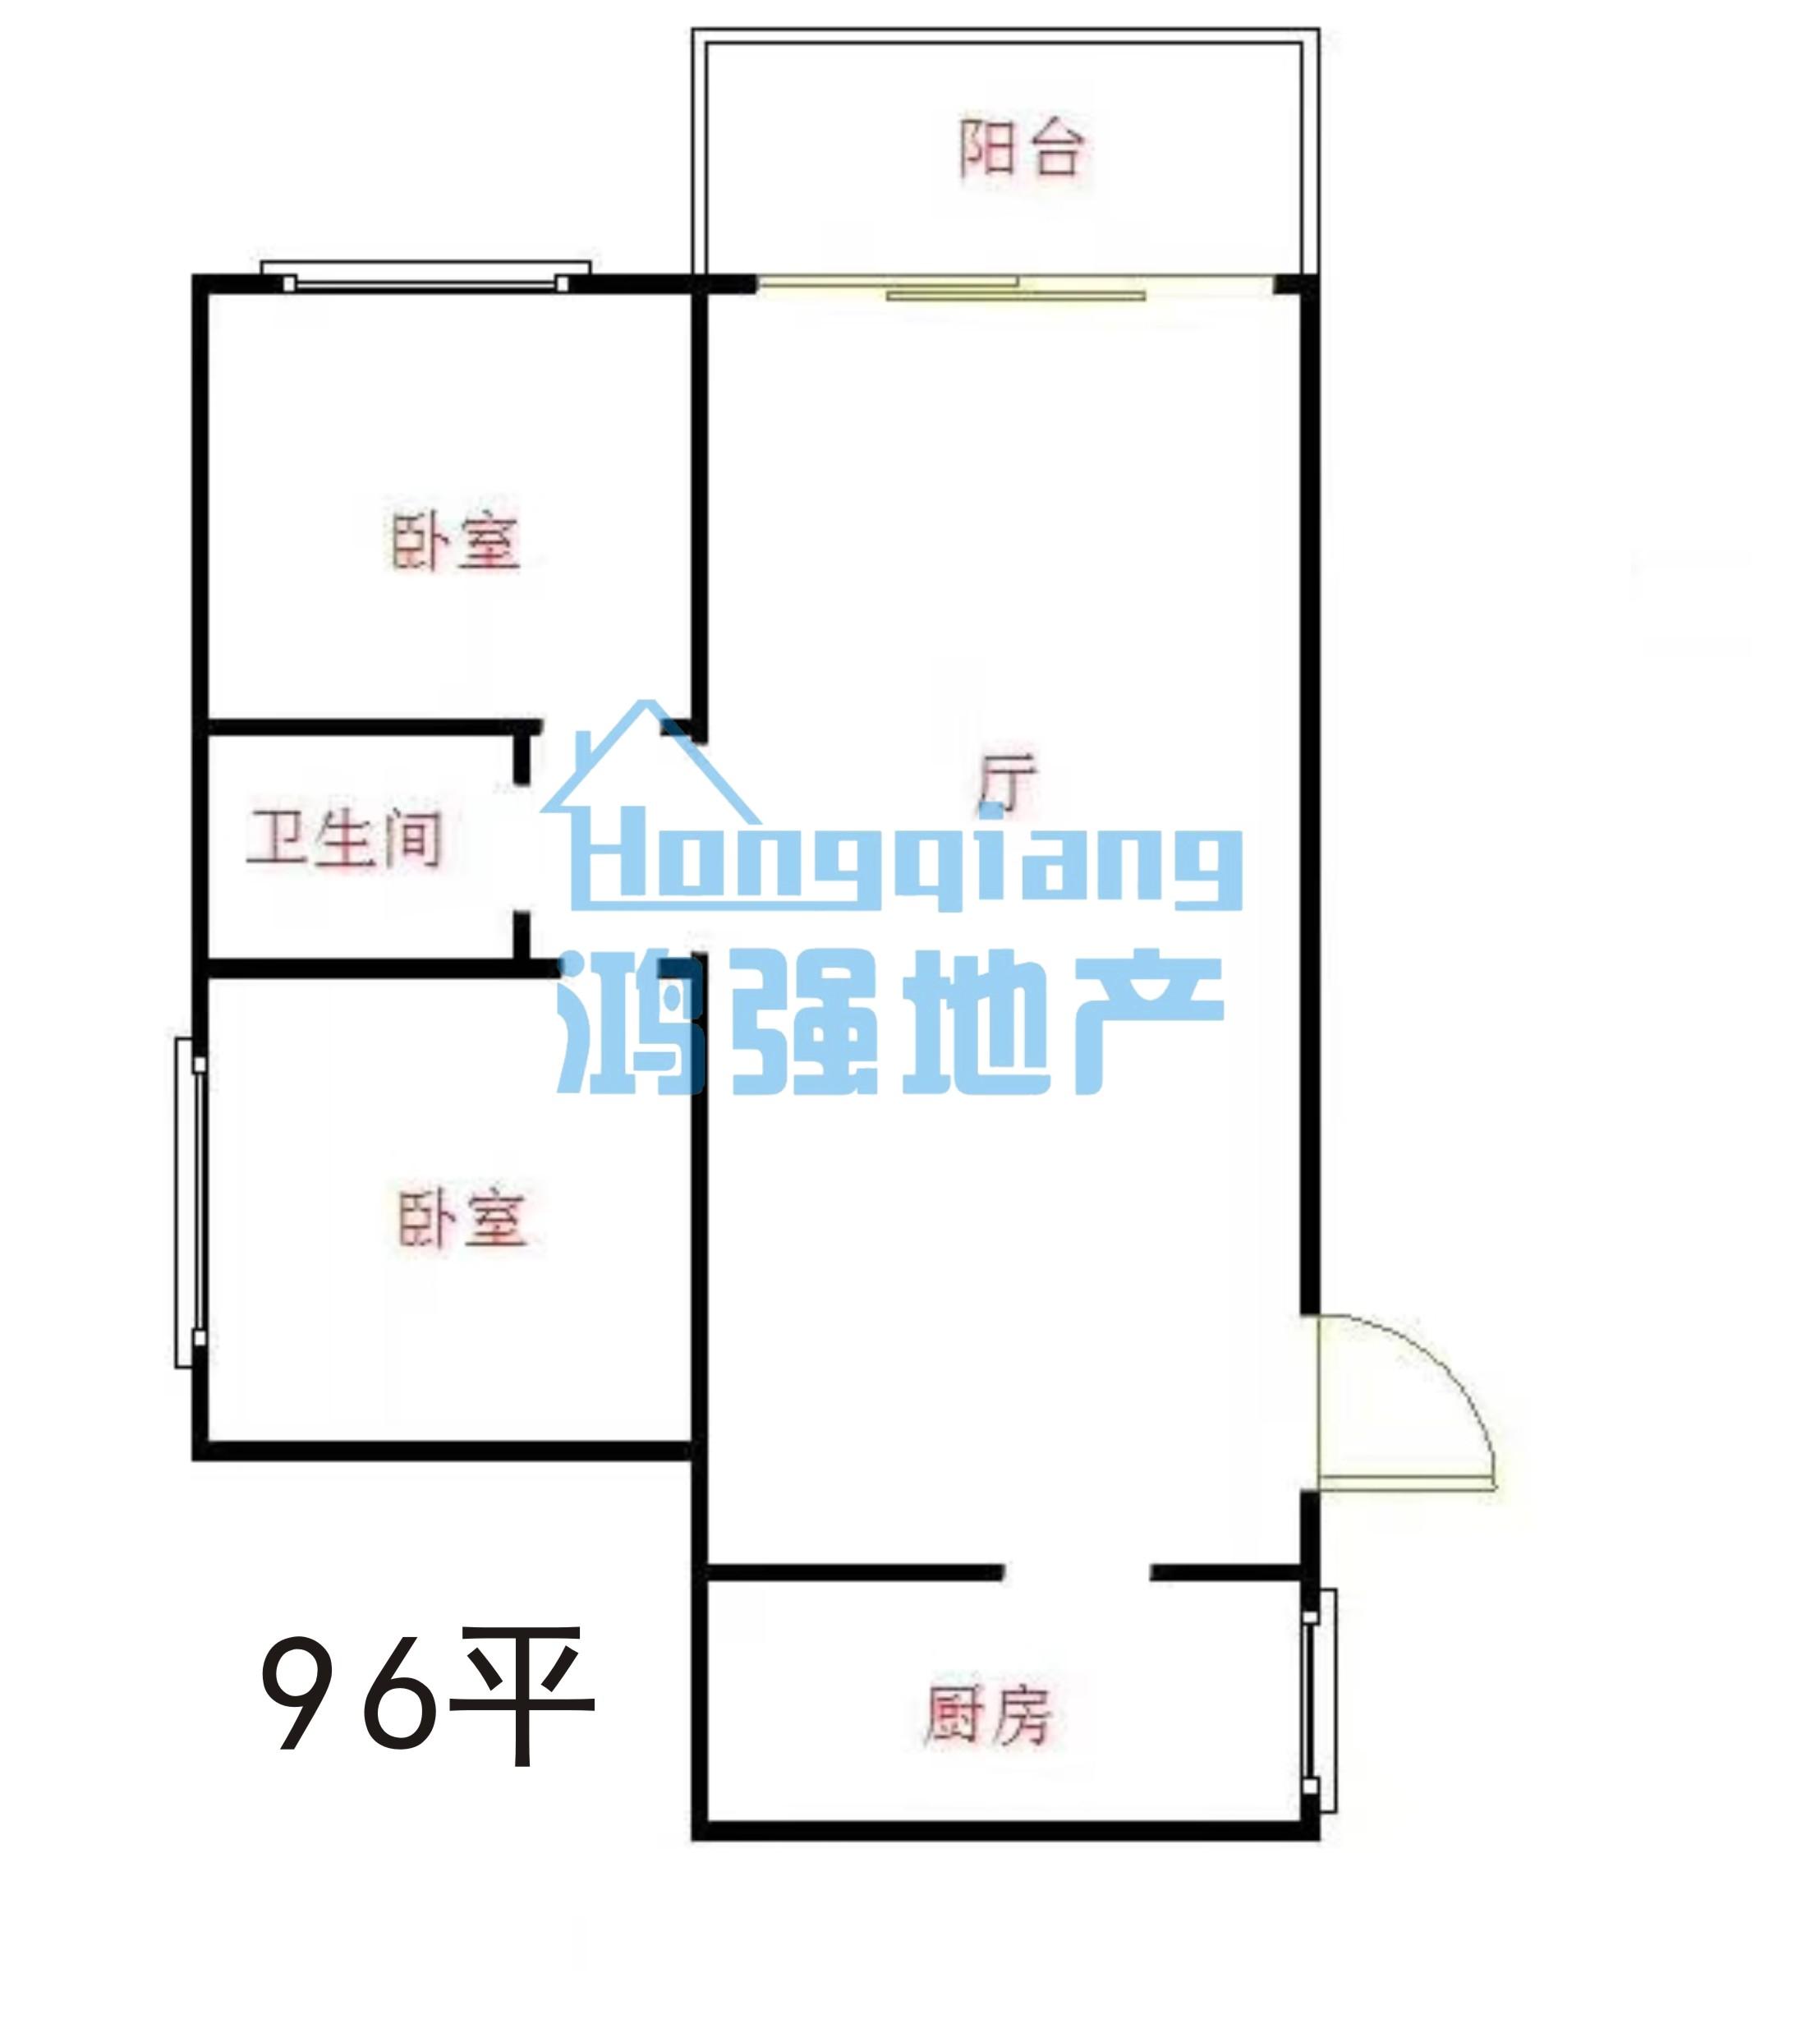 紫荆公寓96平毛坯证齐可按揭仅需86万